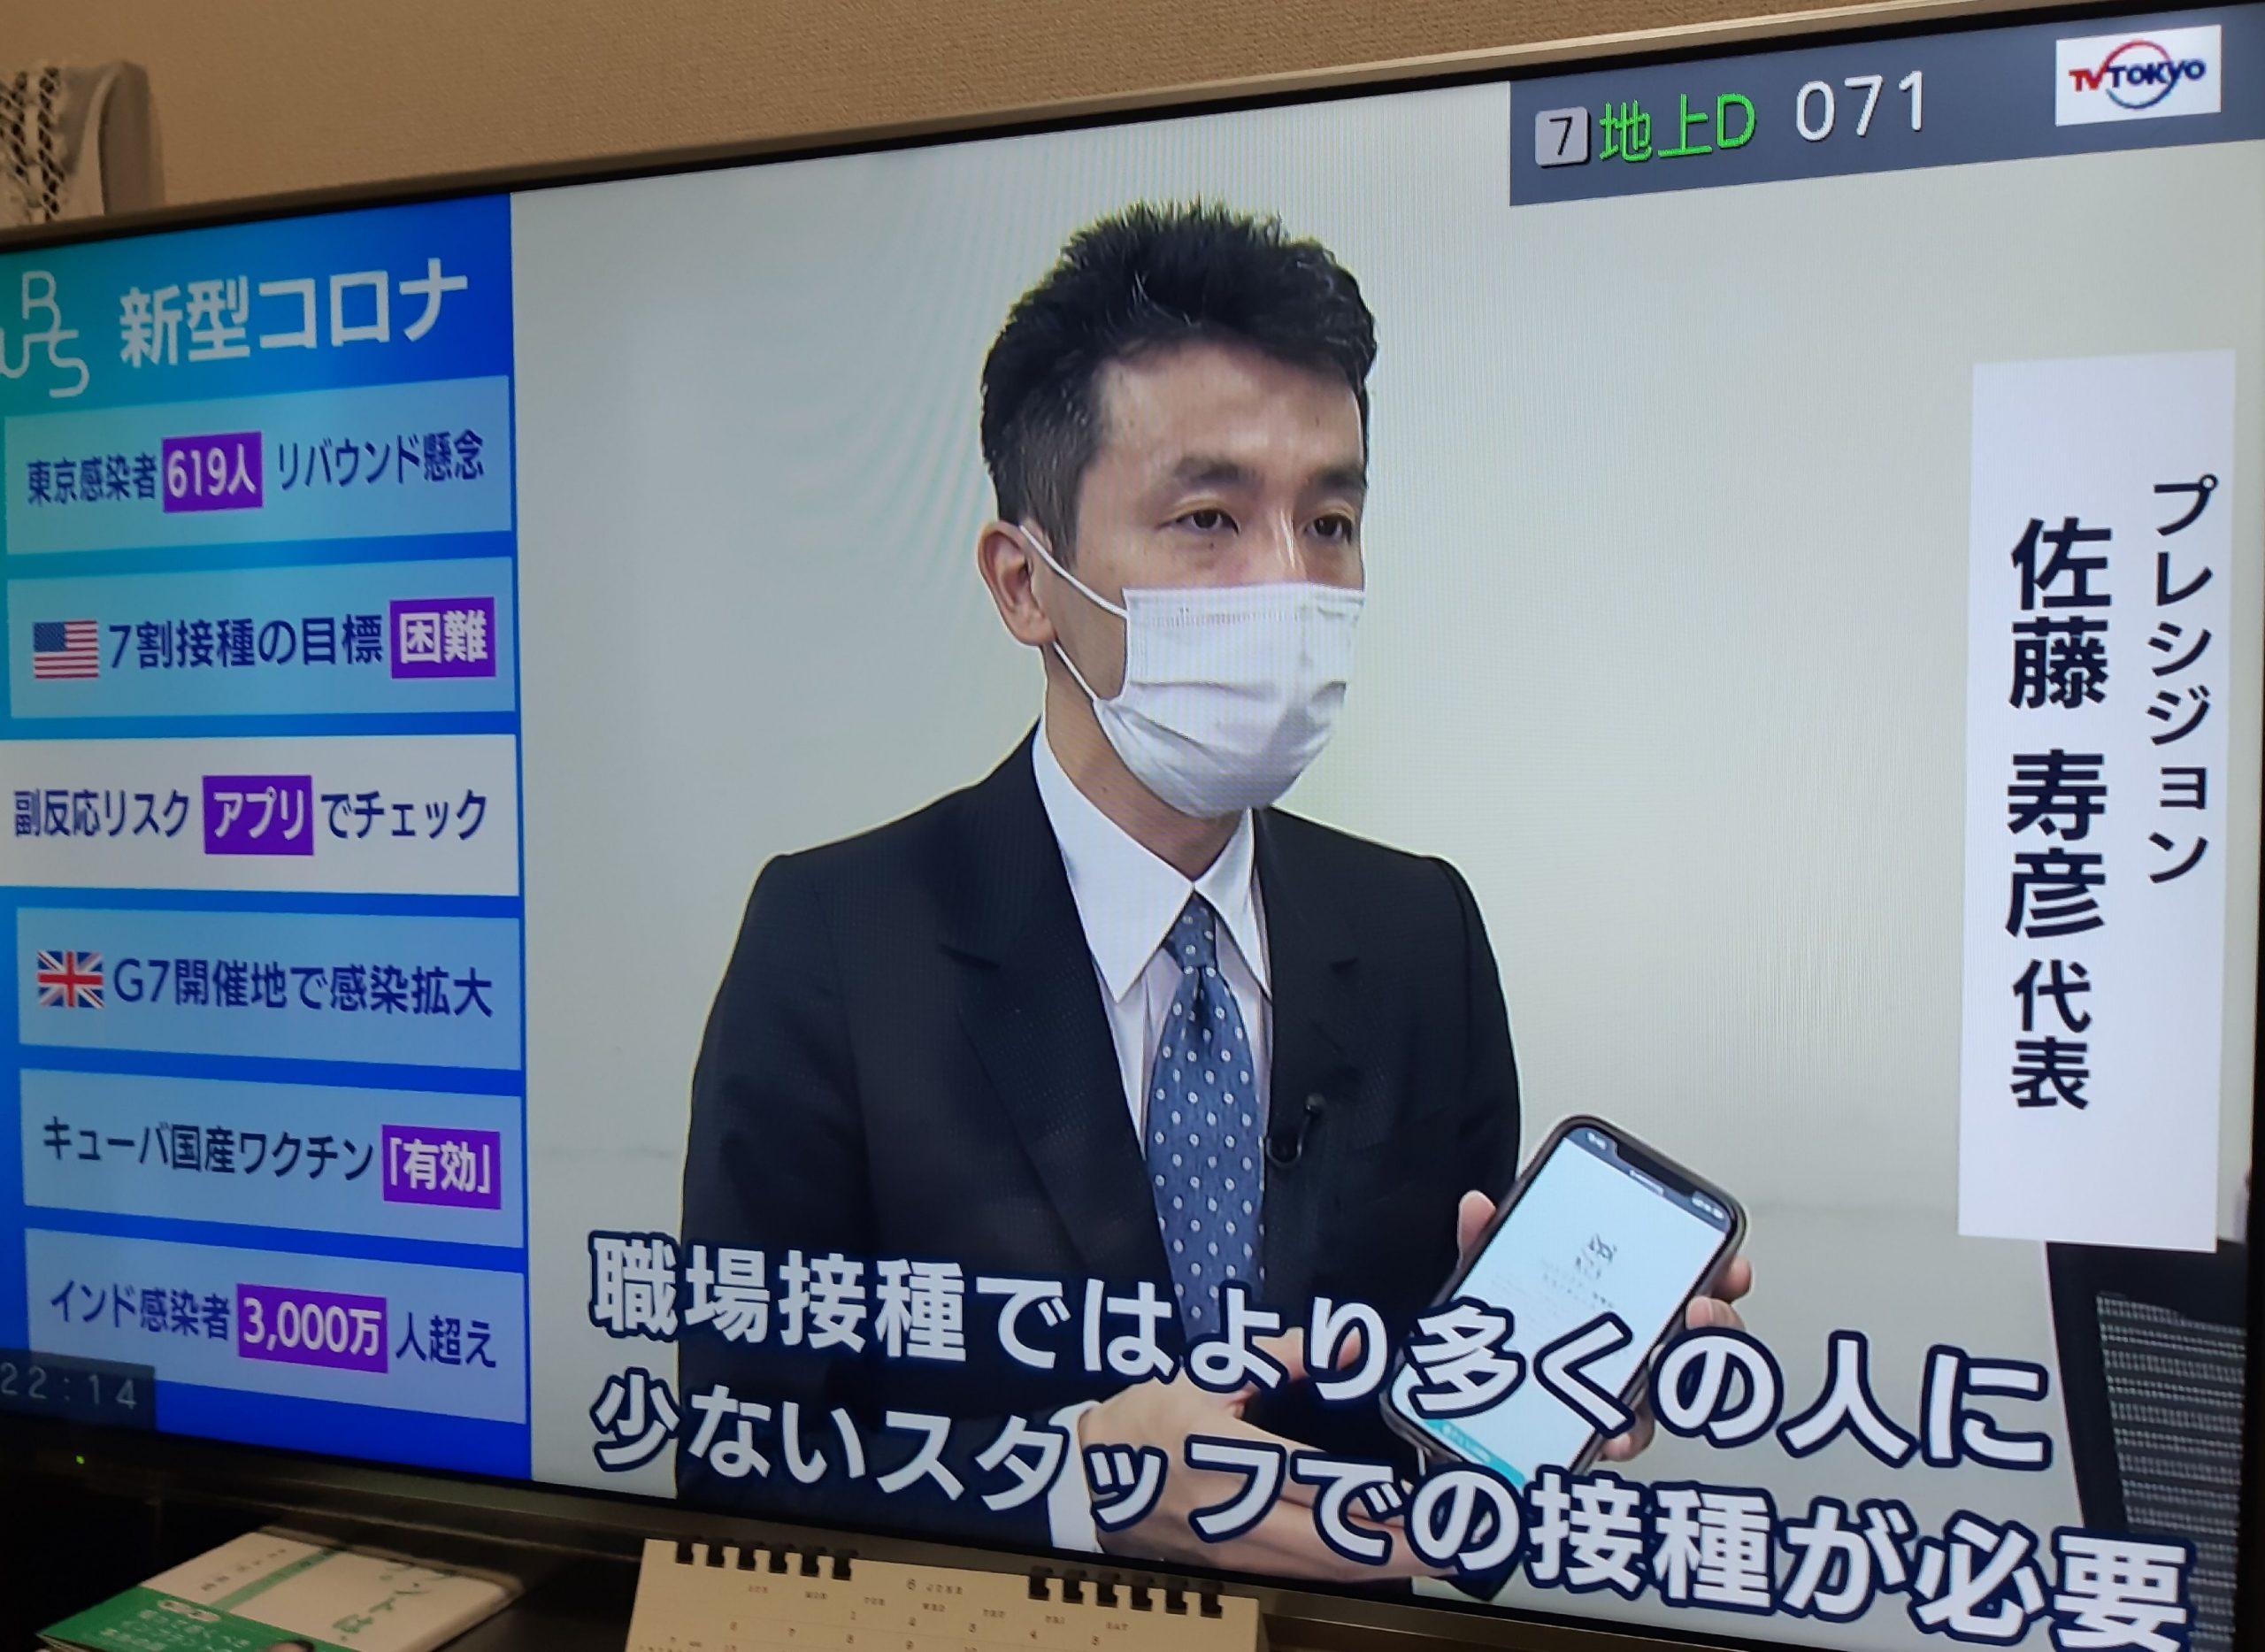 テレビ東京 WBS